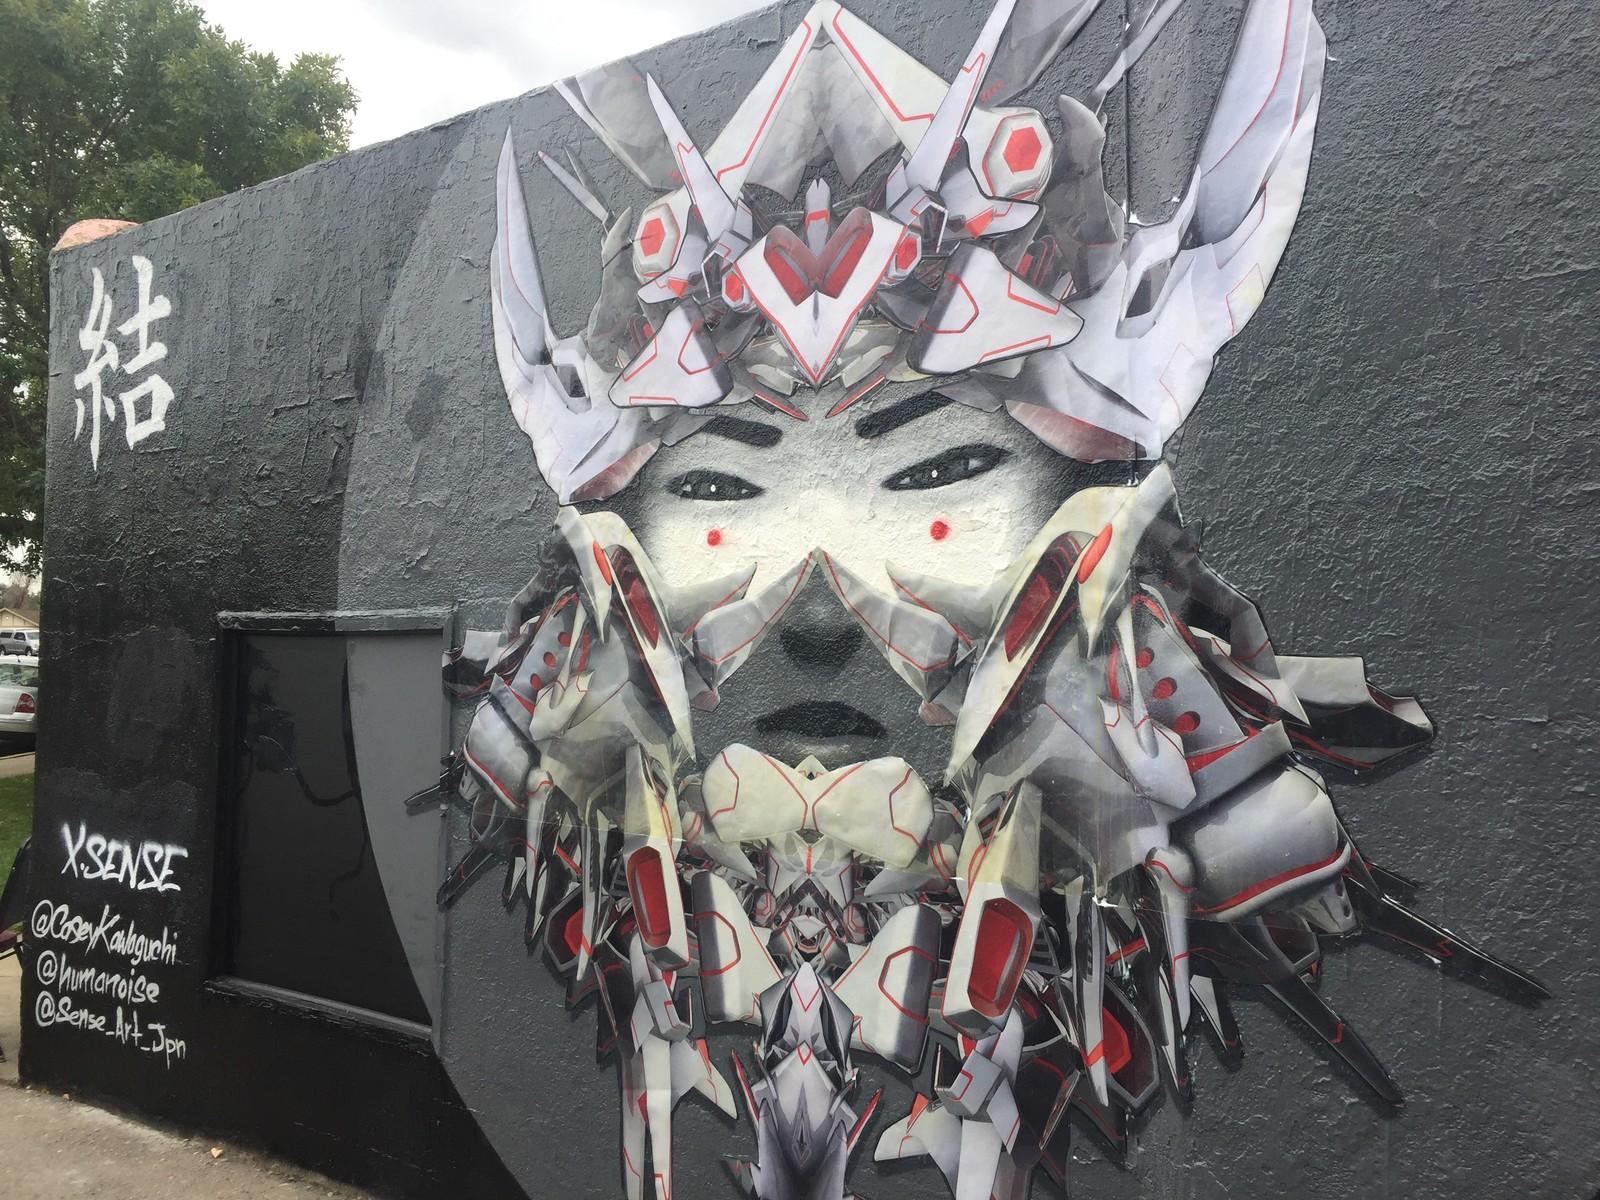 XSENSE mural, collaboration with Casey Kawaguchi